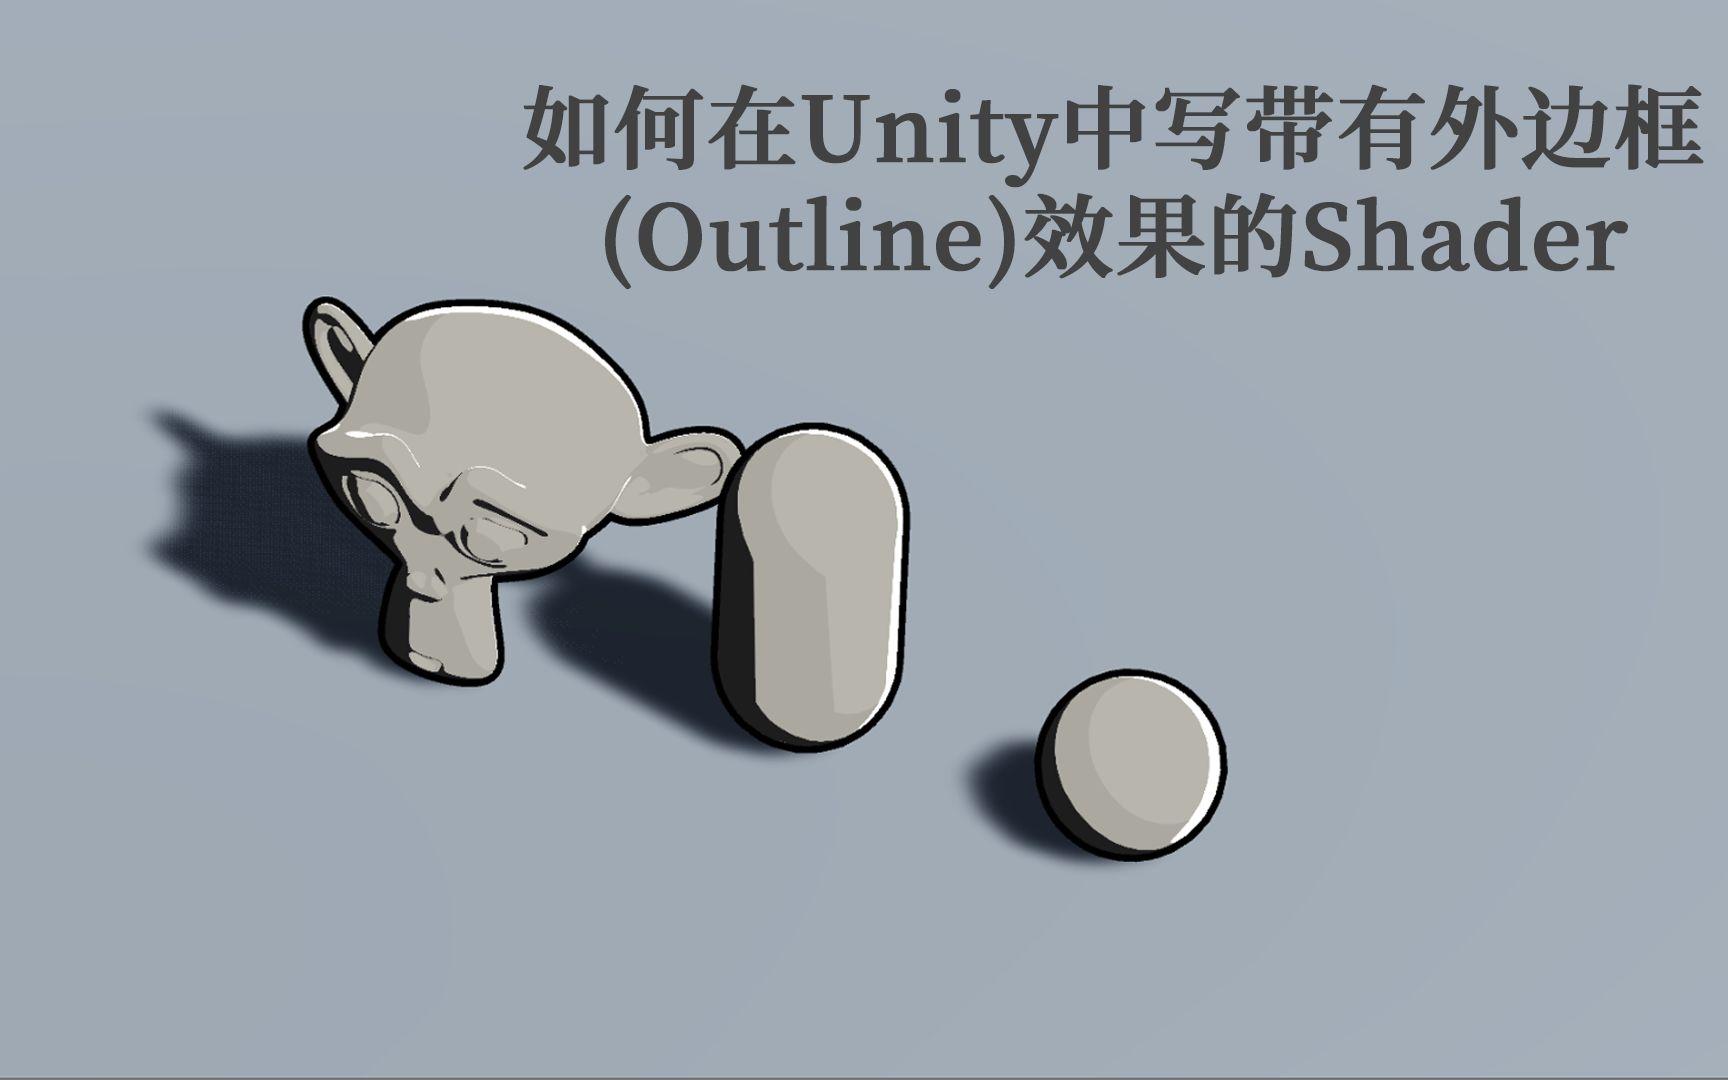 如何在Unity中写带有等宽外边框 (Outline)效果的Shader (补录)_哔哩哔哩 (゜-゜)つロ 干杯~-bilibili